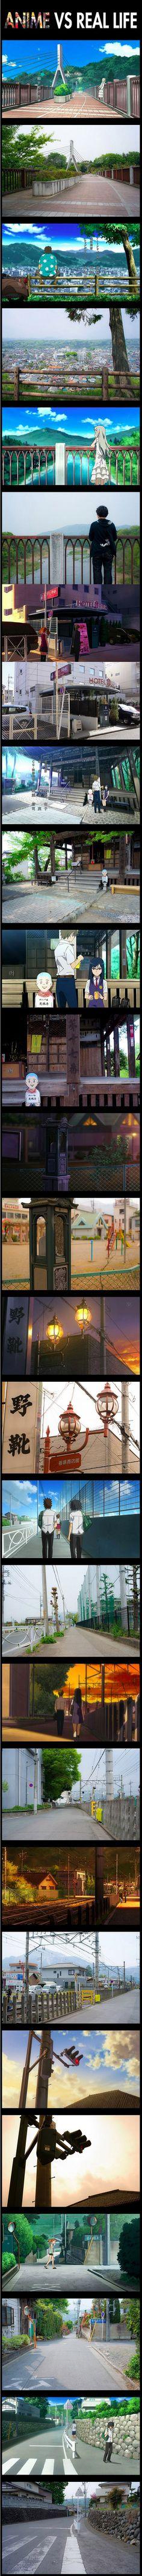 Anime vs. real-life...